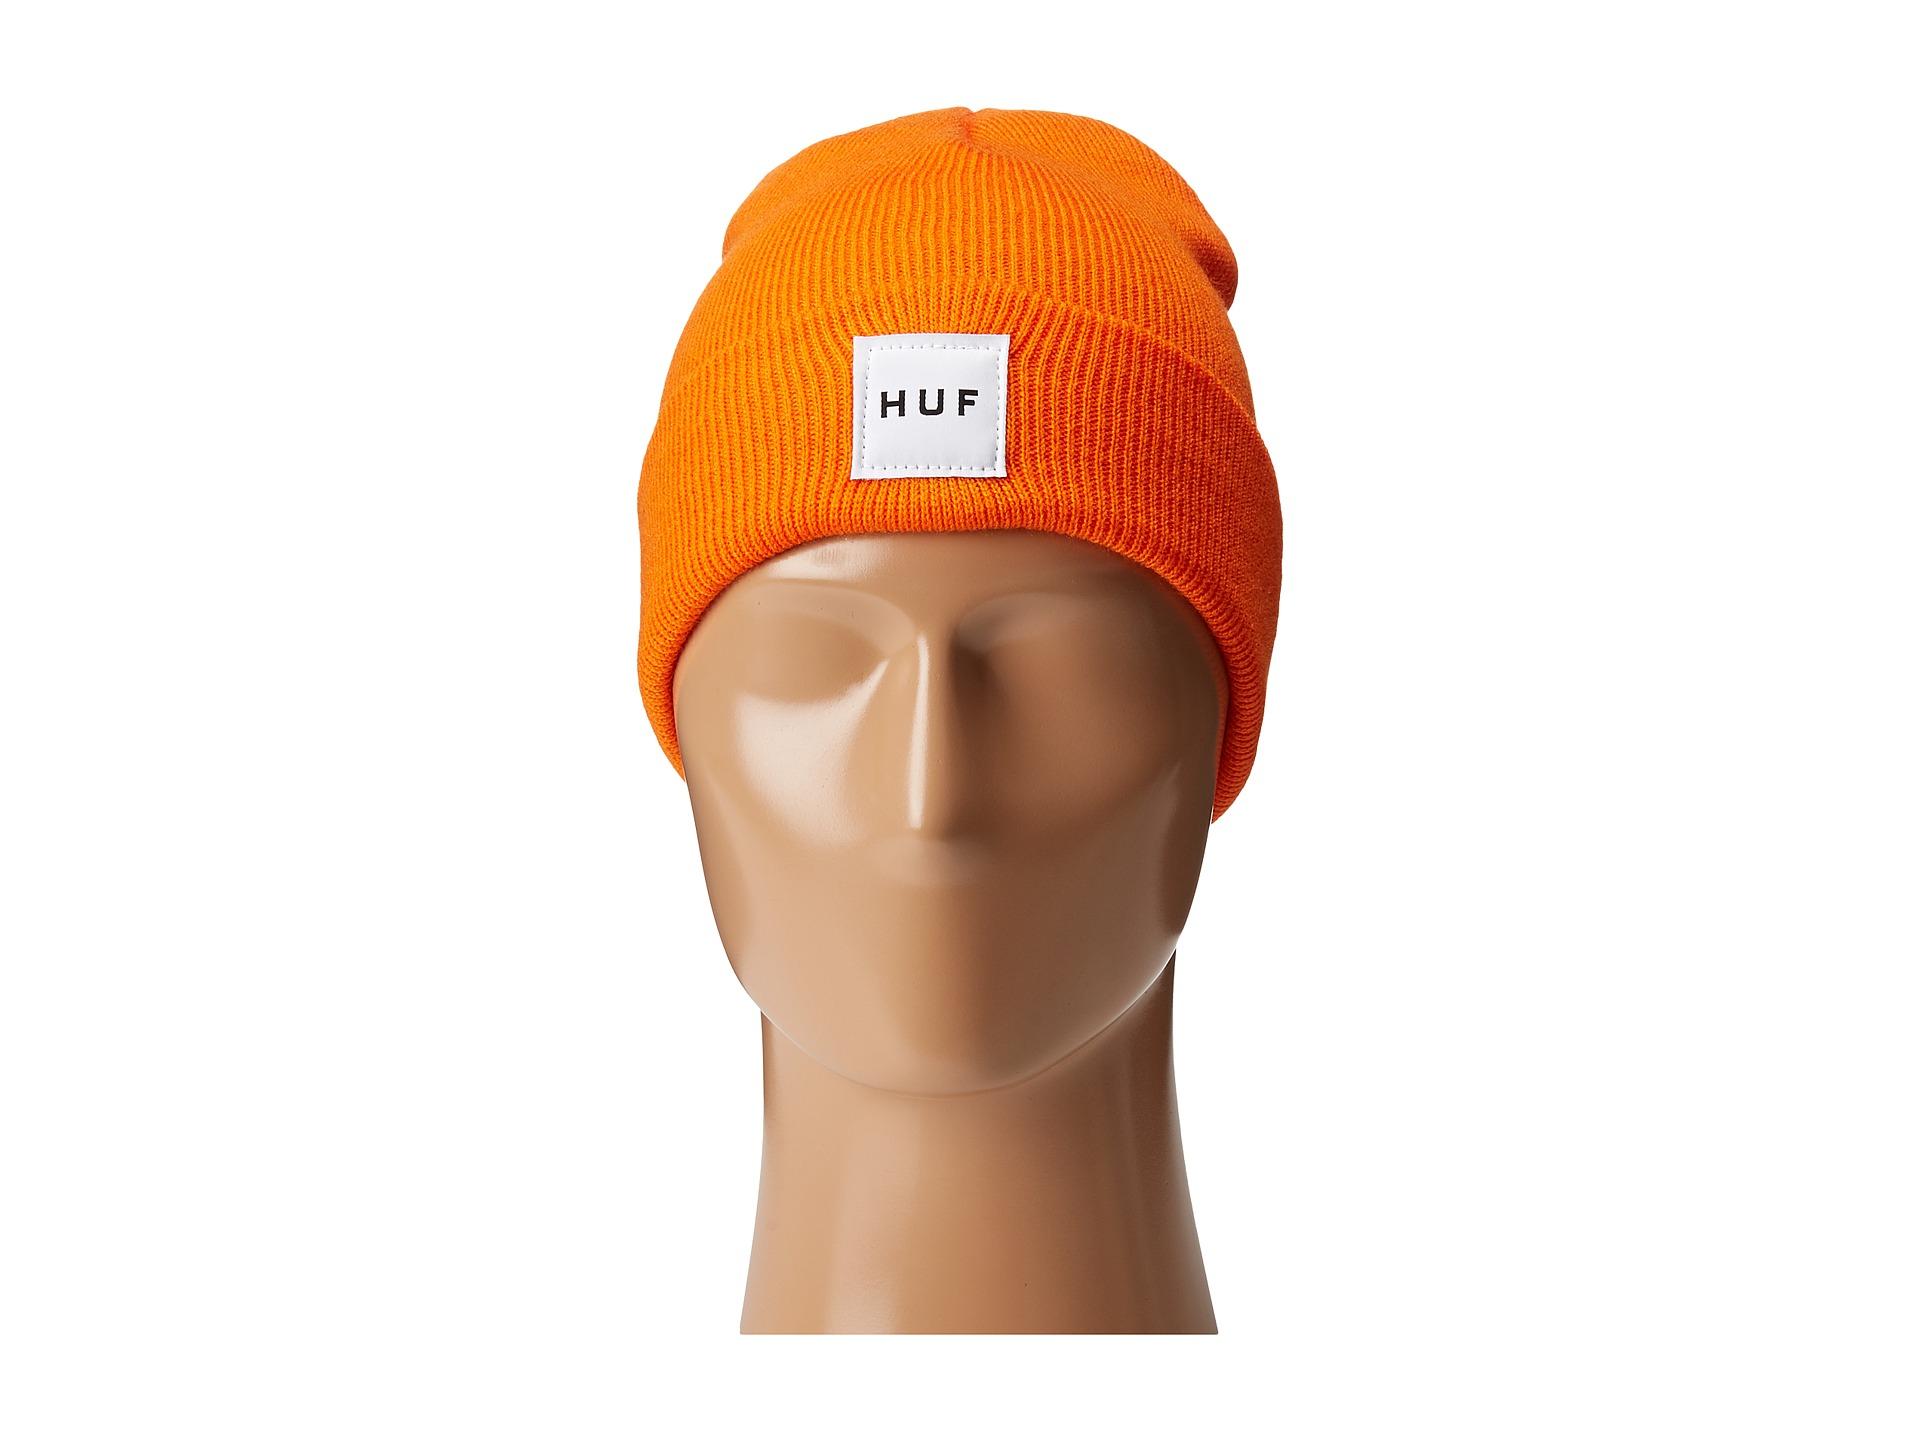 Lyst - Huf Box Logo Beanie in Orange for Men d249f5549078